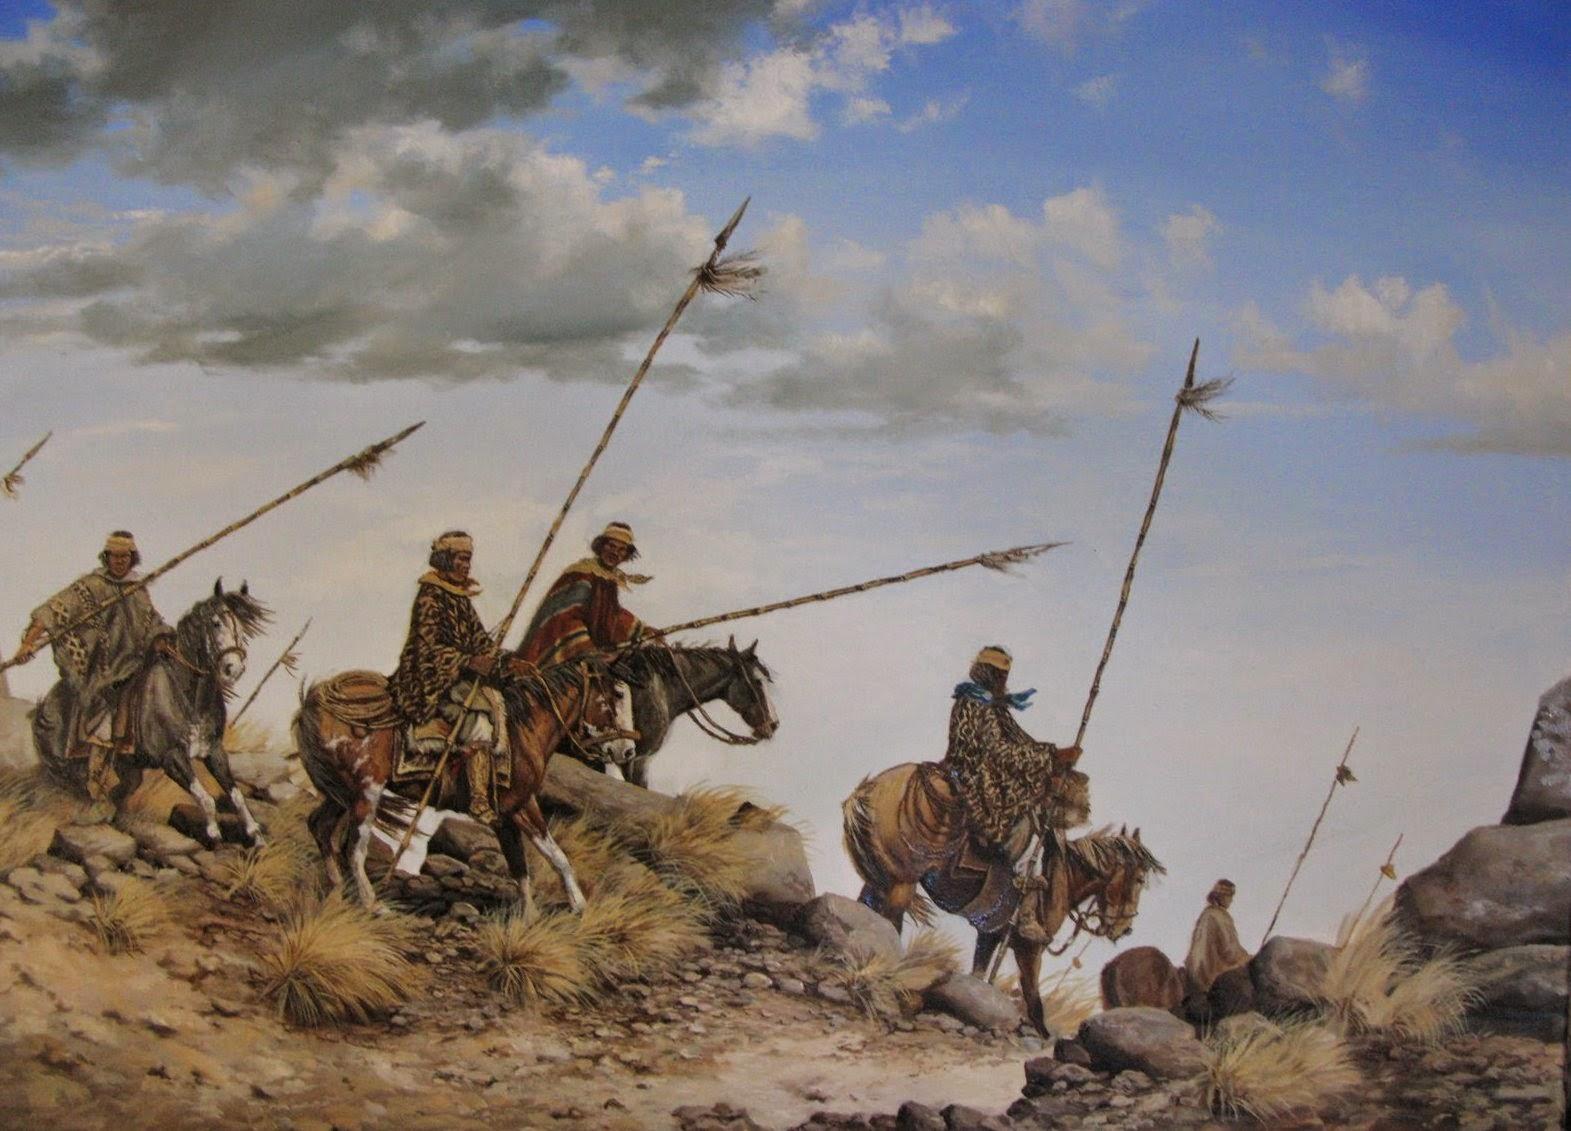 Historia de los indios-Indios Pampas